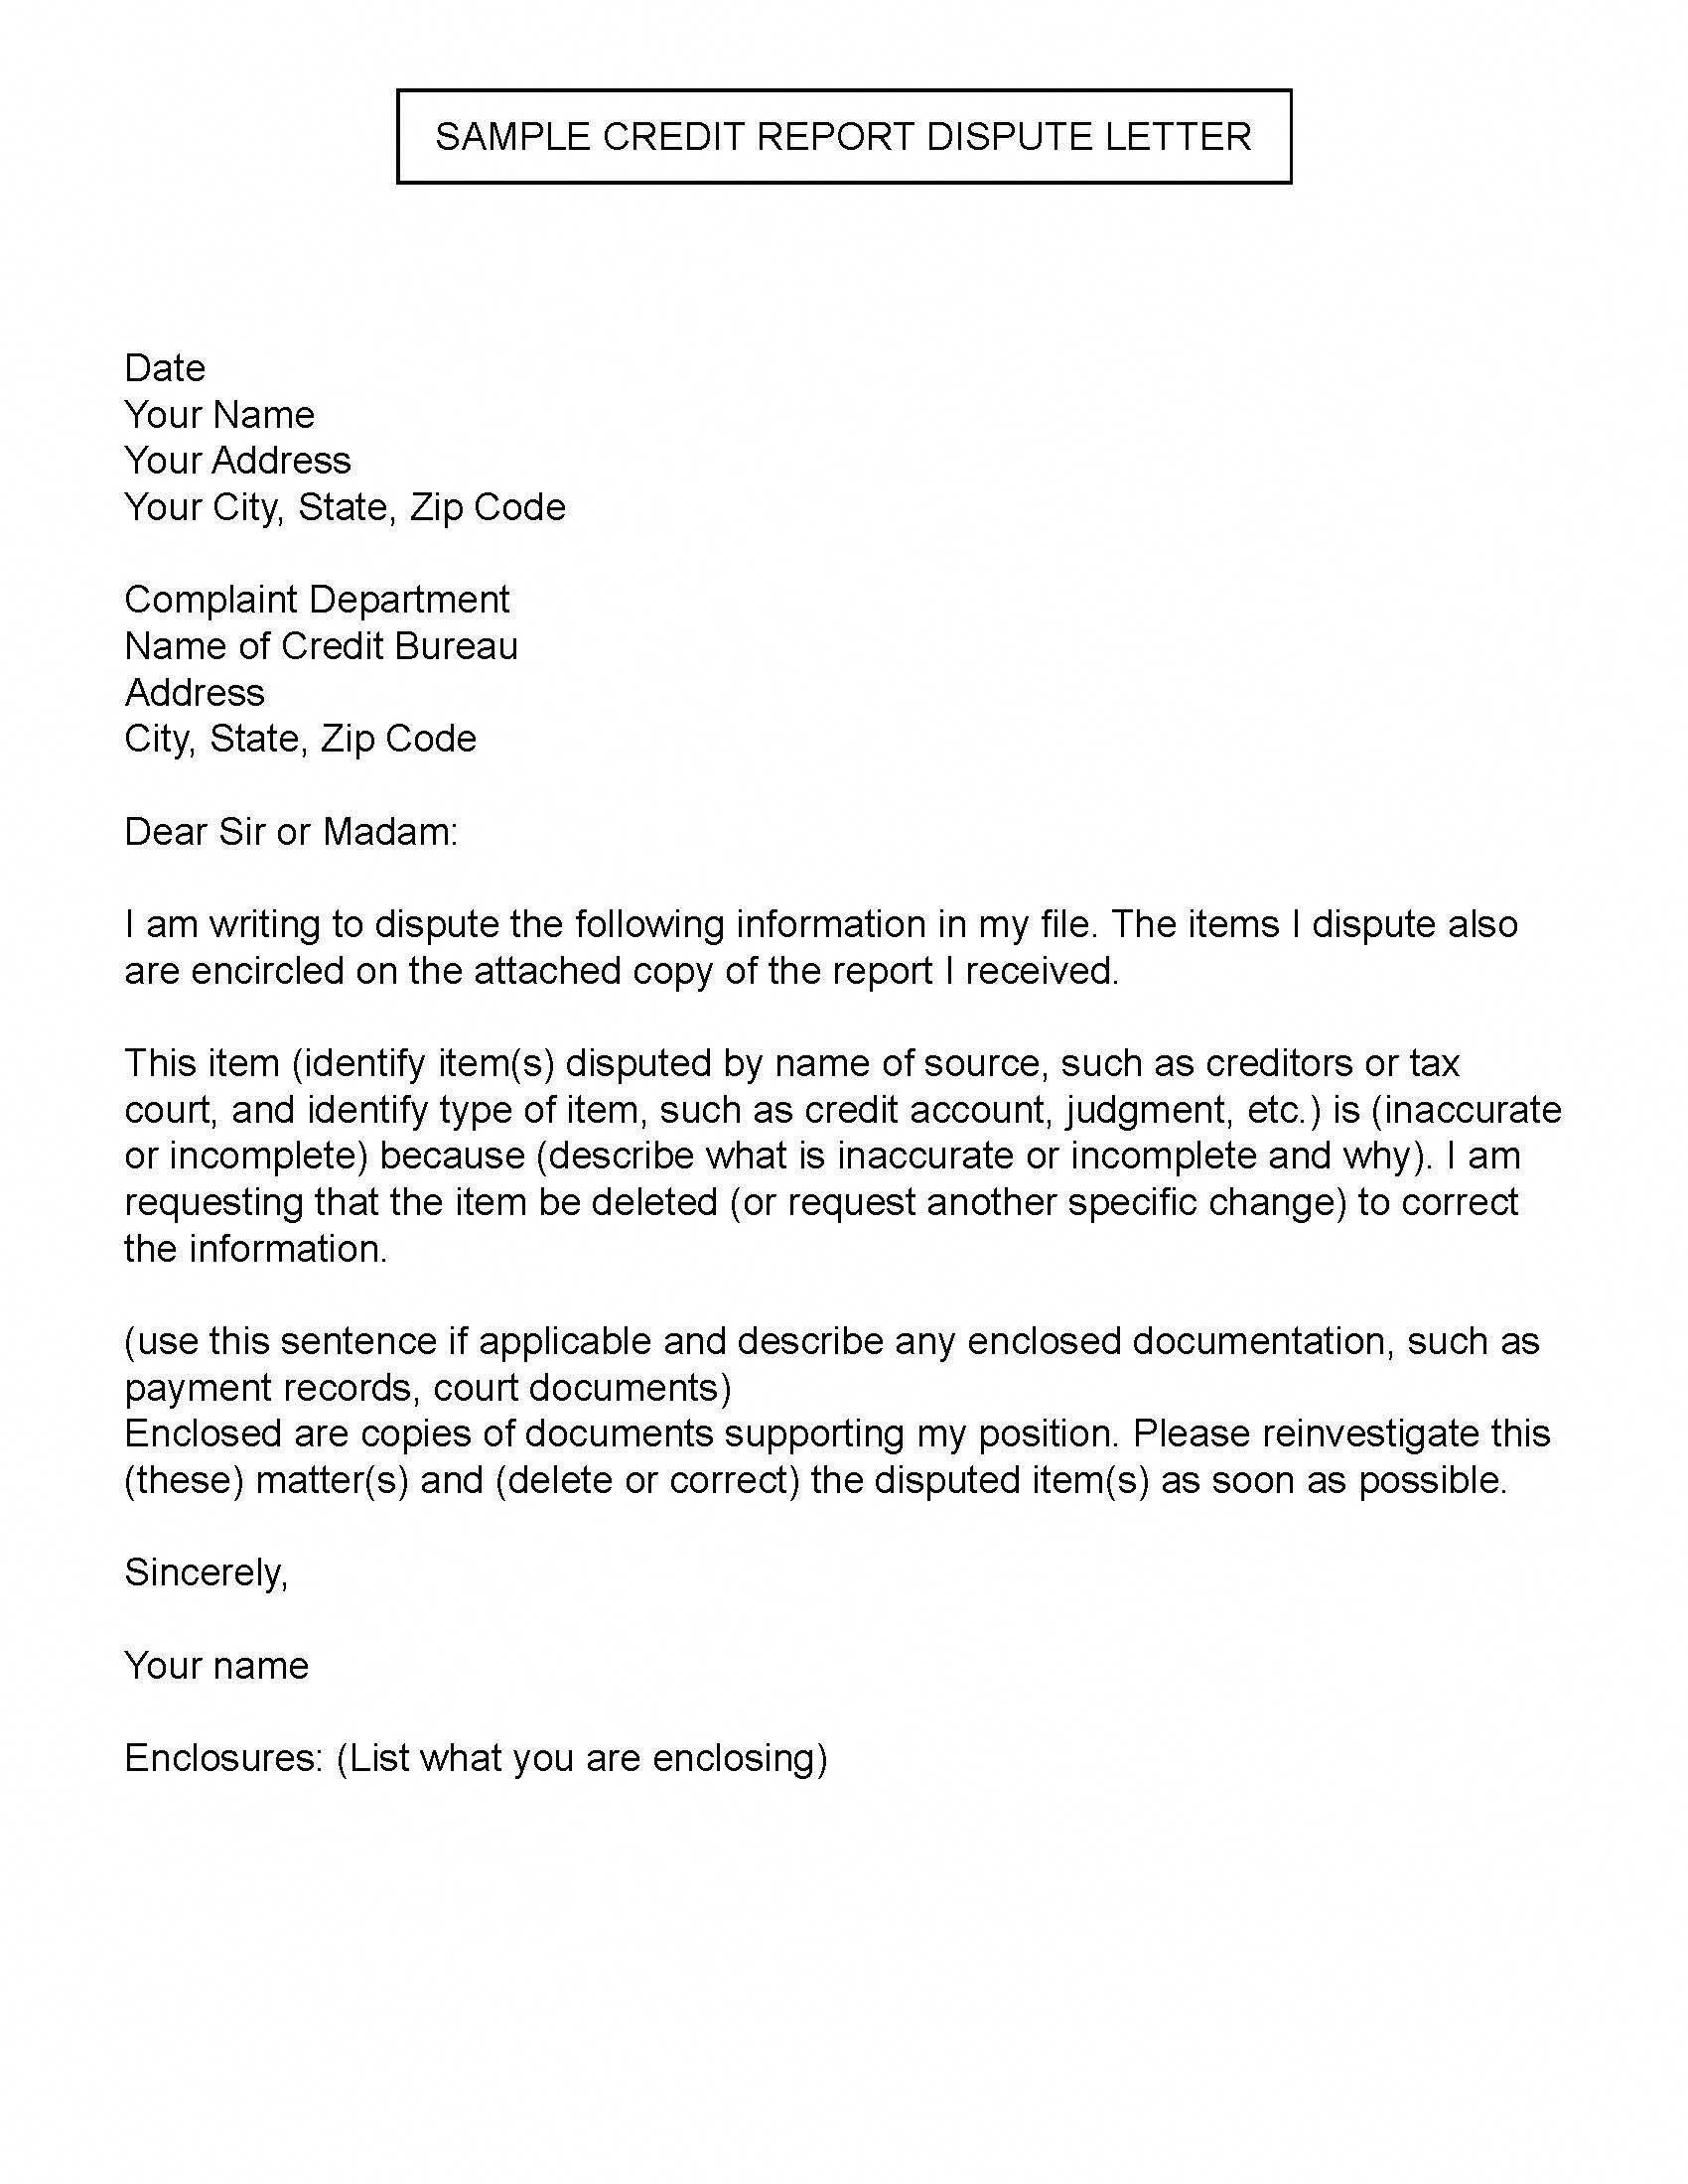 Sample Credit Report Dispute Letter Creditrepairletters Throughout Dispute Letter To Creditor Template